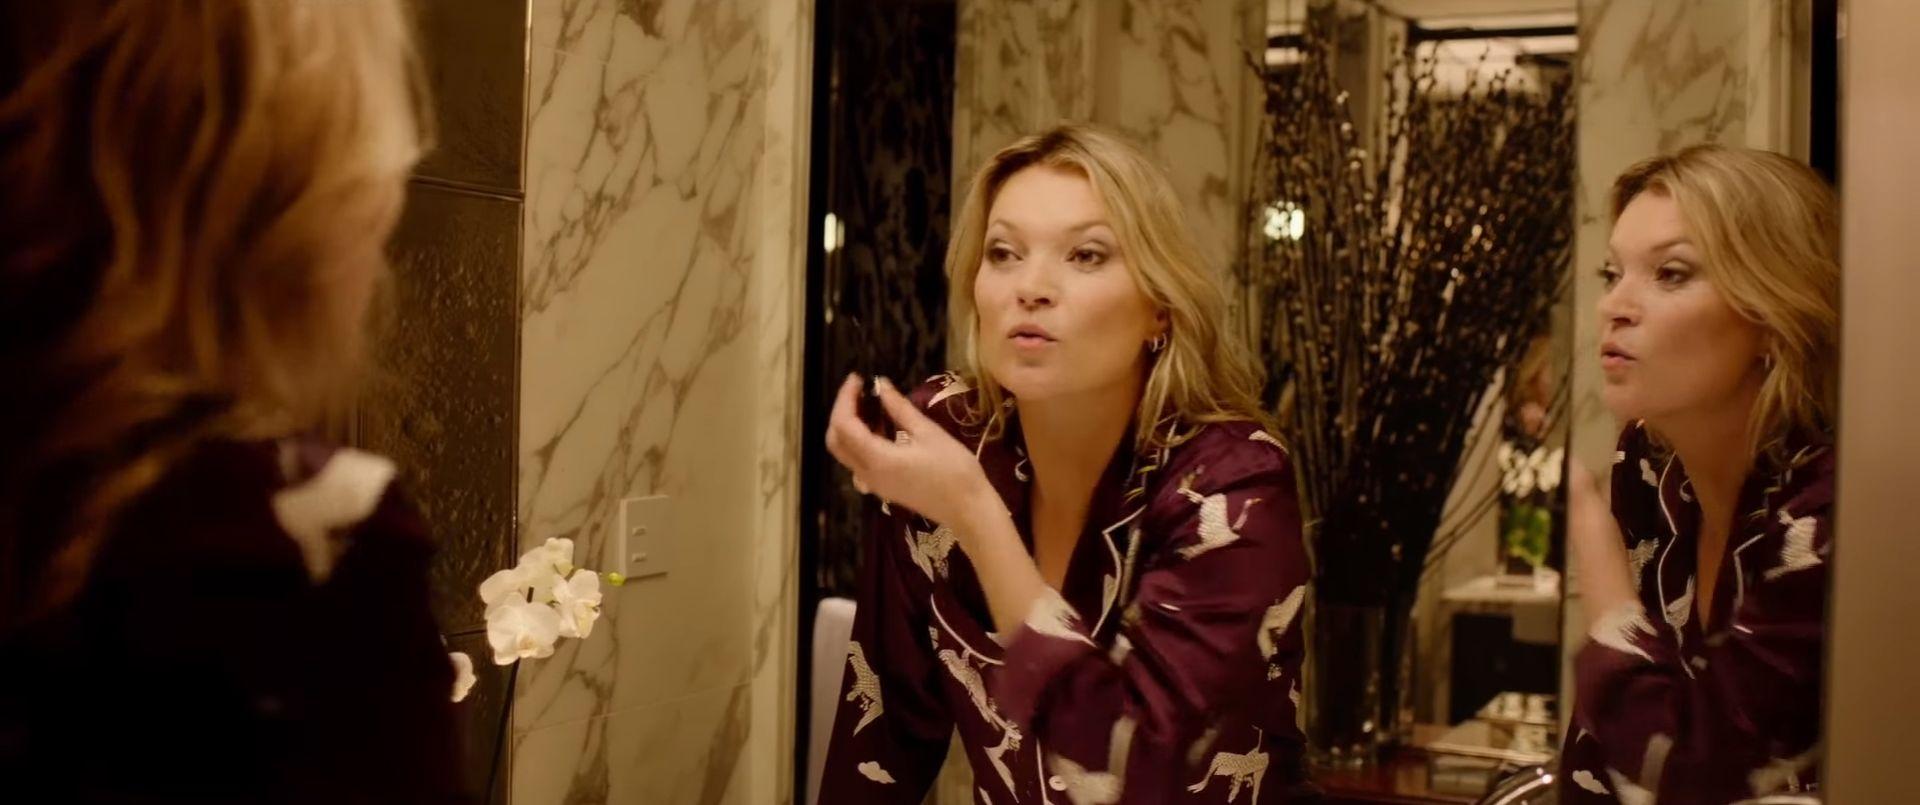 NAKON 30 GODINA U MODNOJ INDUSTRIJI Kate Moss otvara svoju modeling agenciju